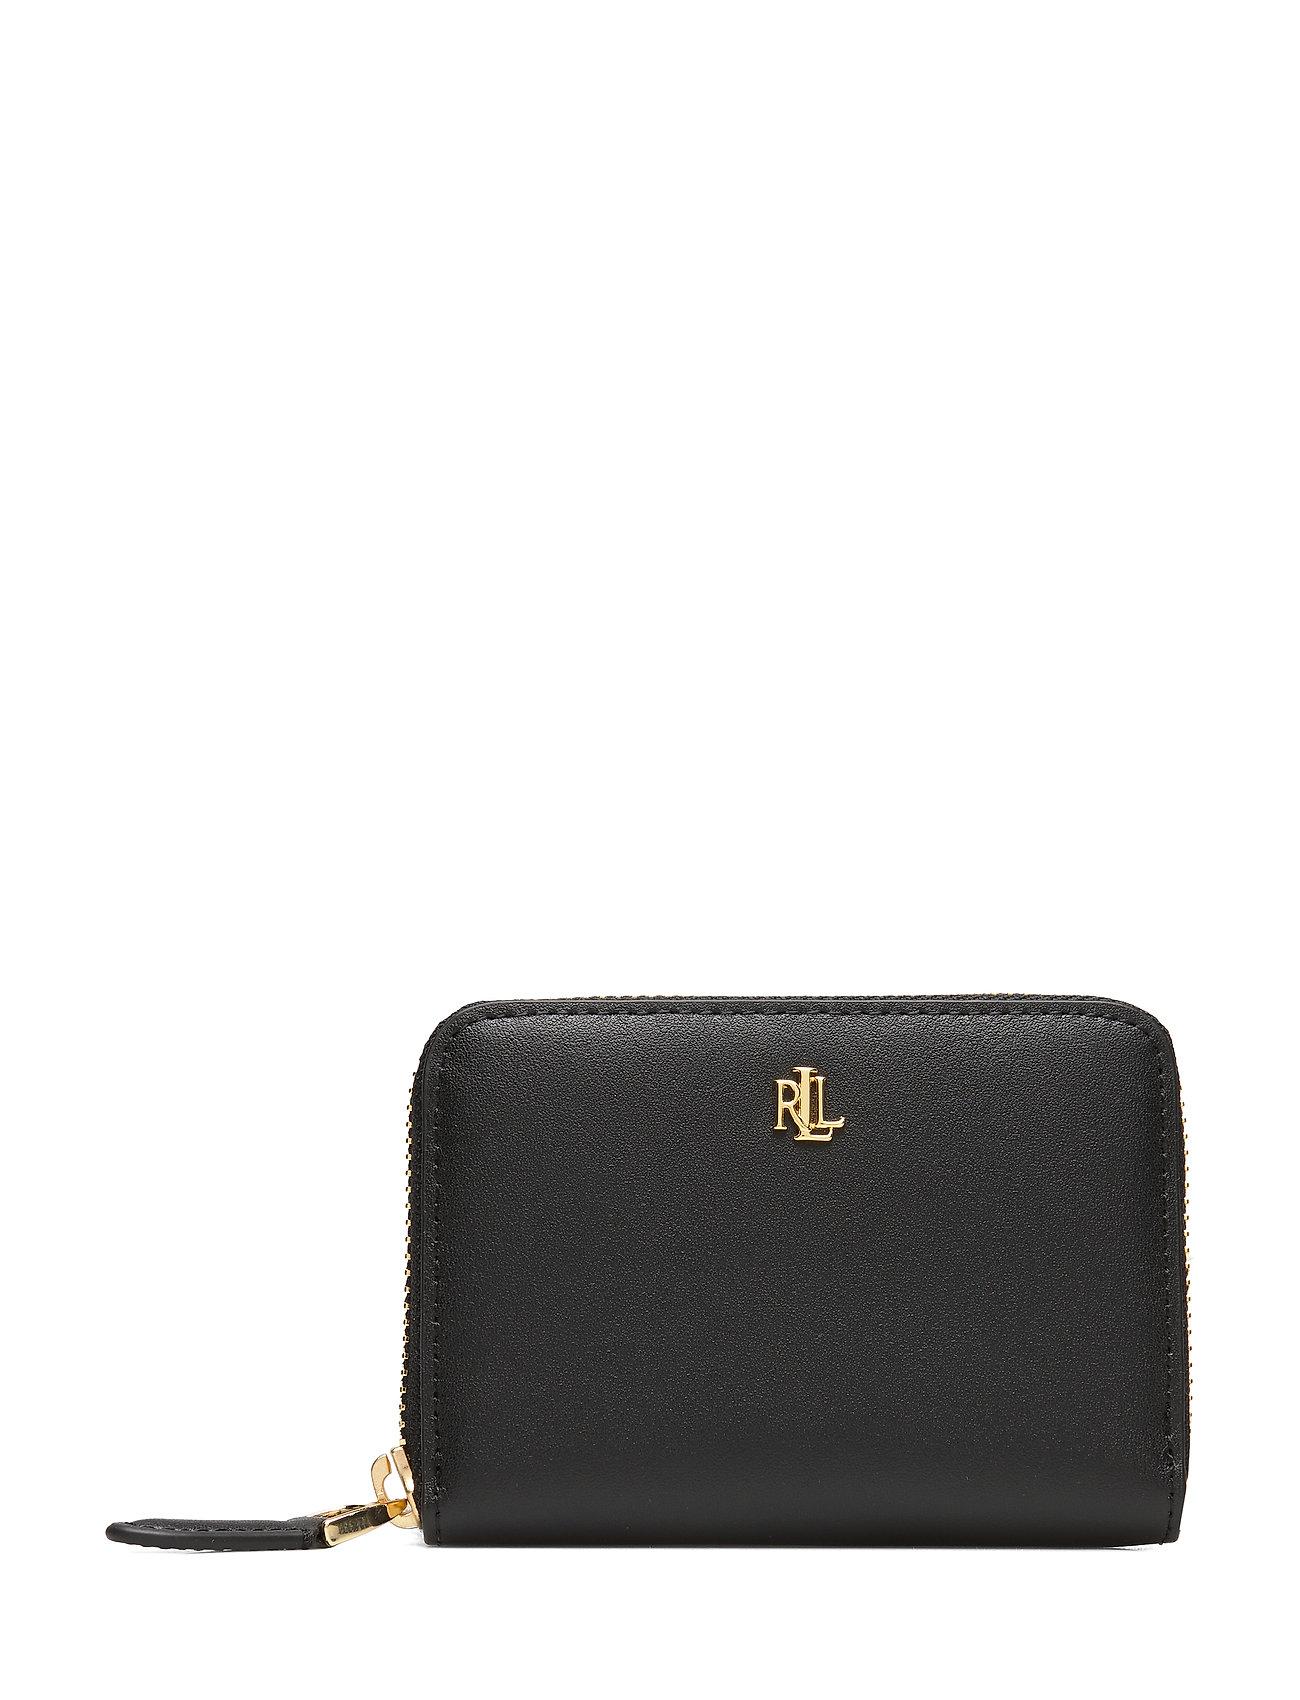 Lauren Ralph Lauren Leather Zip Wallet - BLACK/CRIMSON